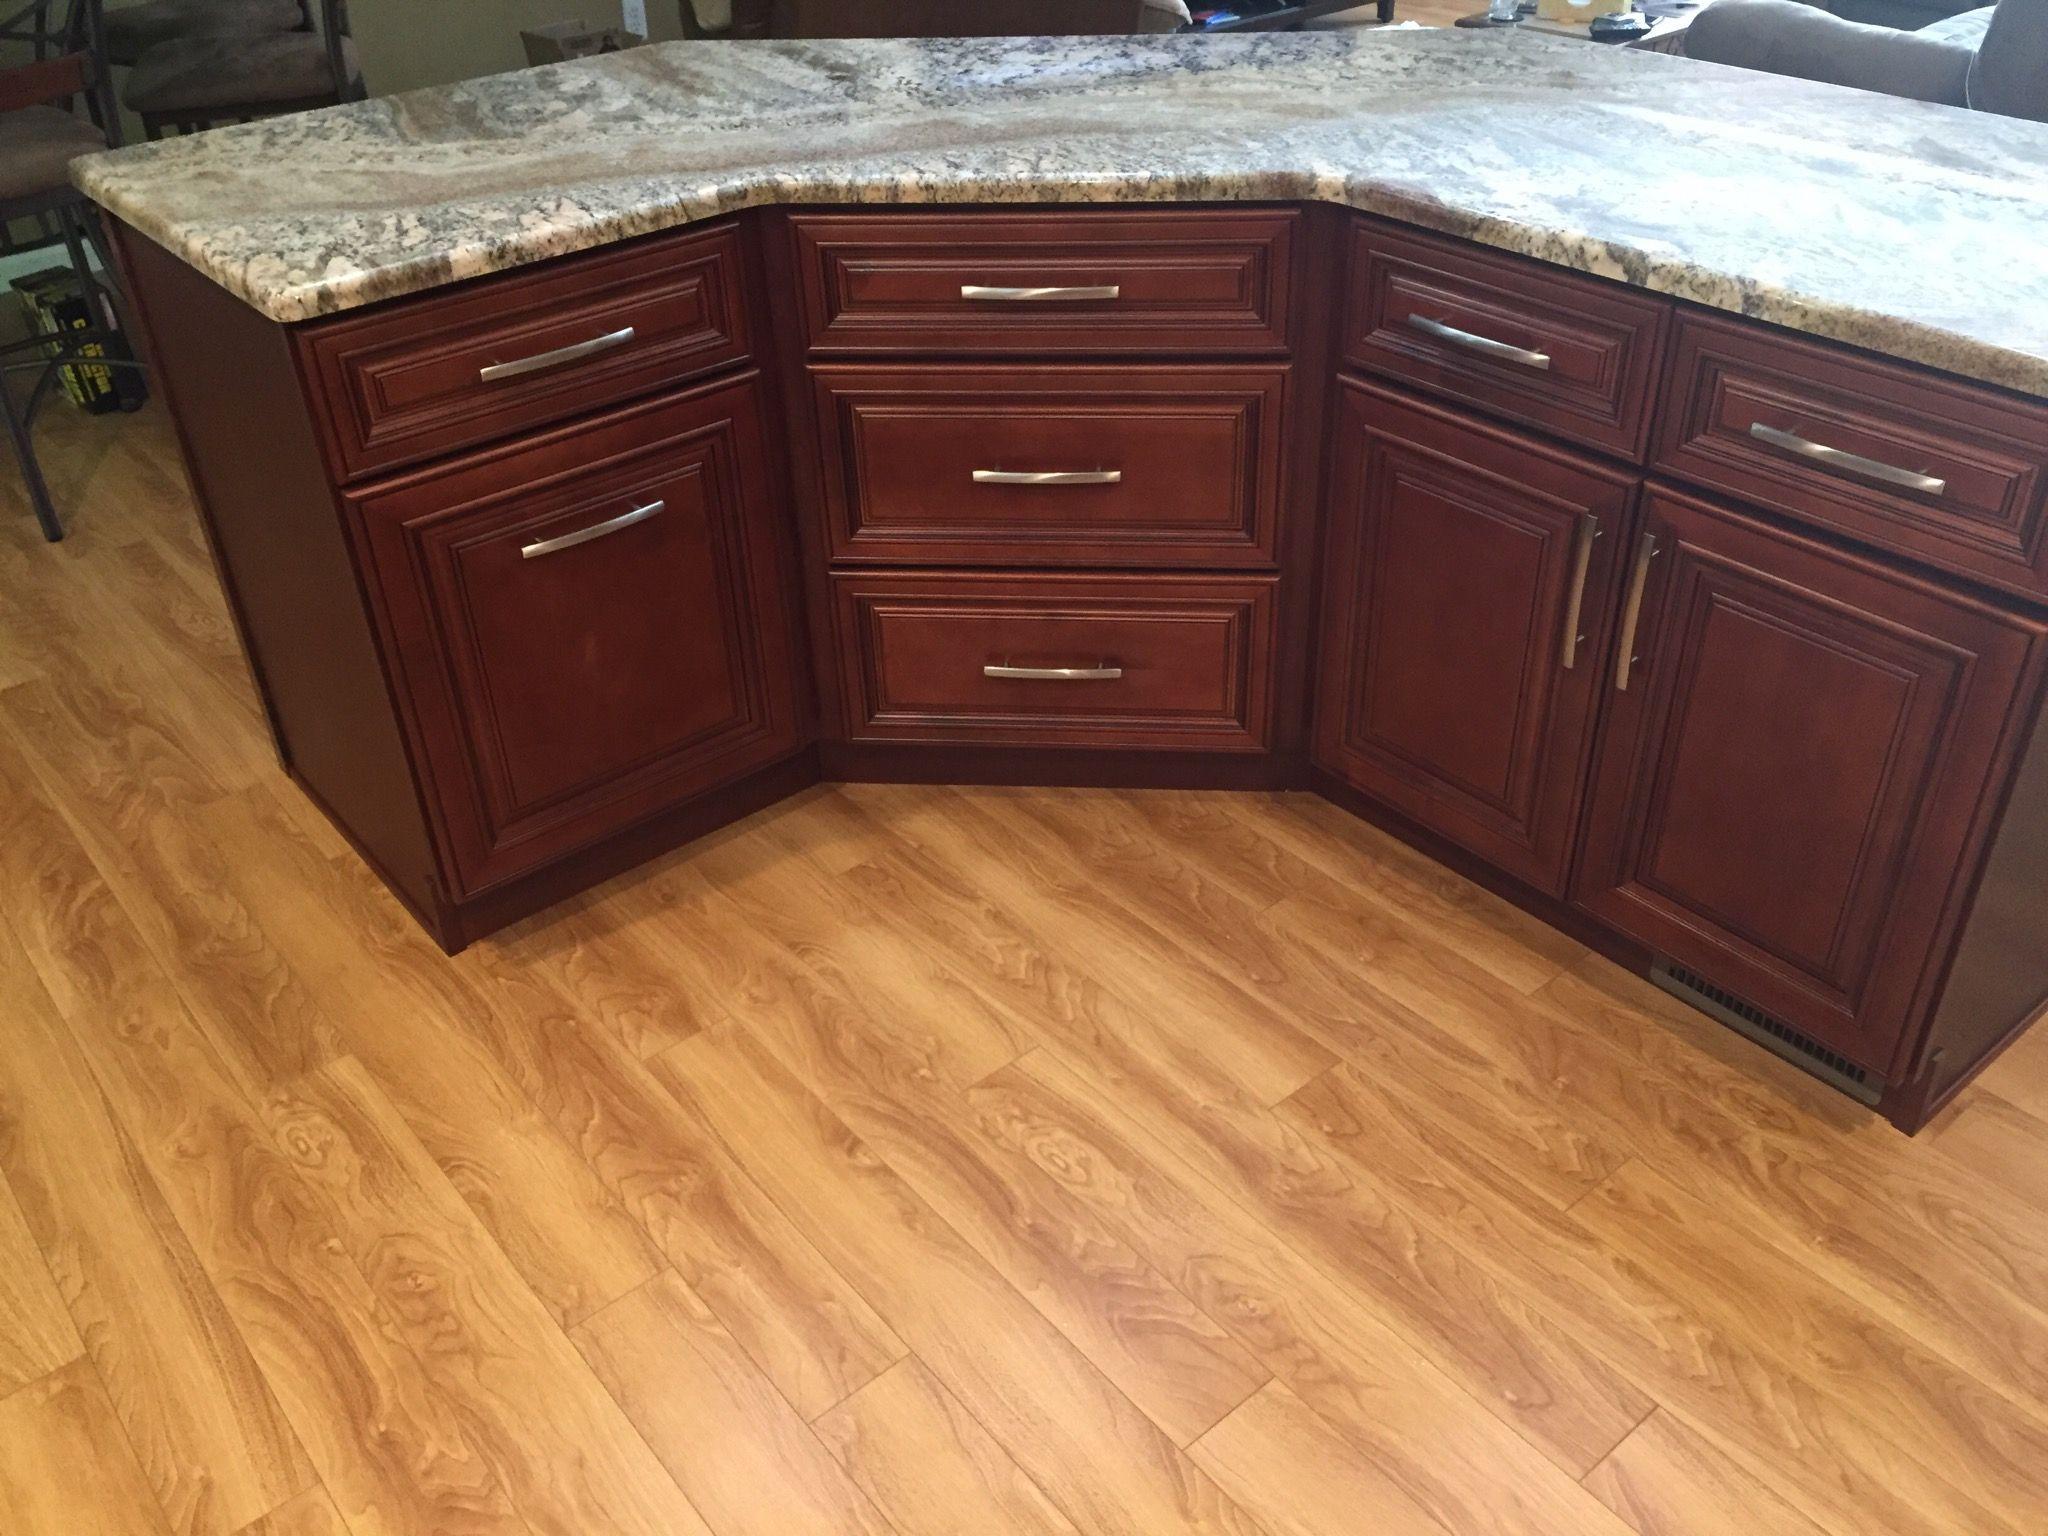 Lily Ann Kitchen Cabinets Charleston Cherry Kitchen Cabinets Remodel By Lily Ann Cabinets